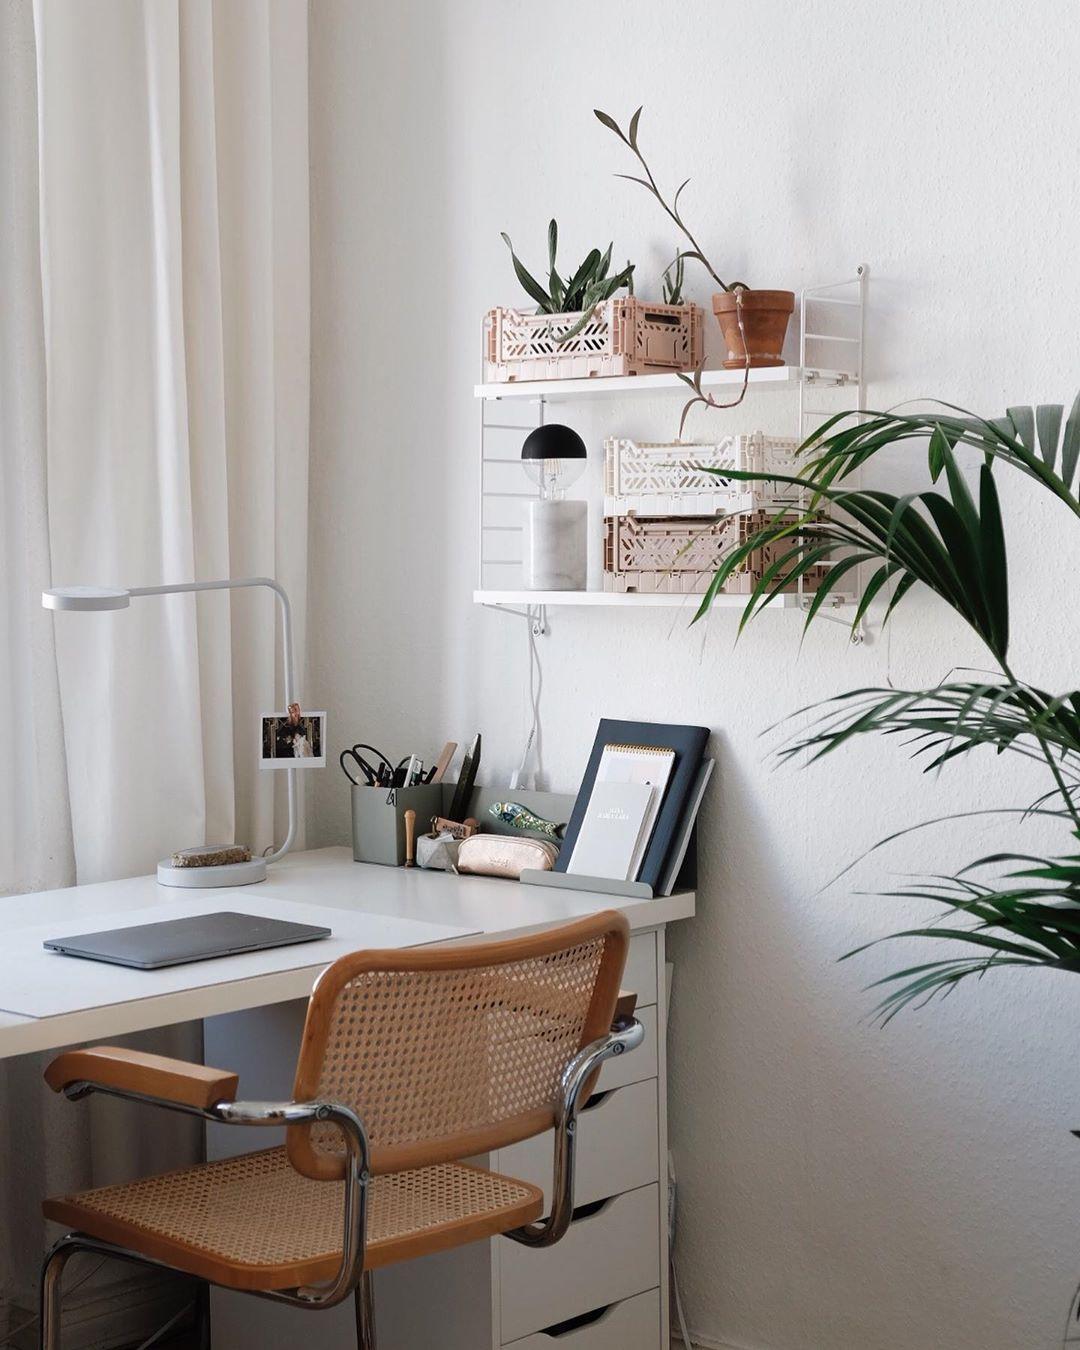 Pin di Kristina su Büro UG   Idee per decorare la casa ...